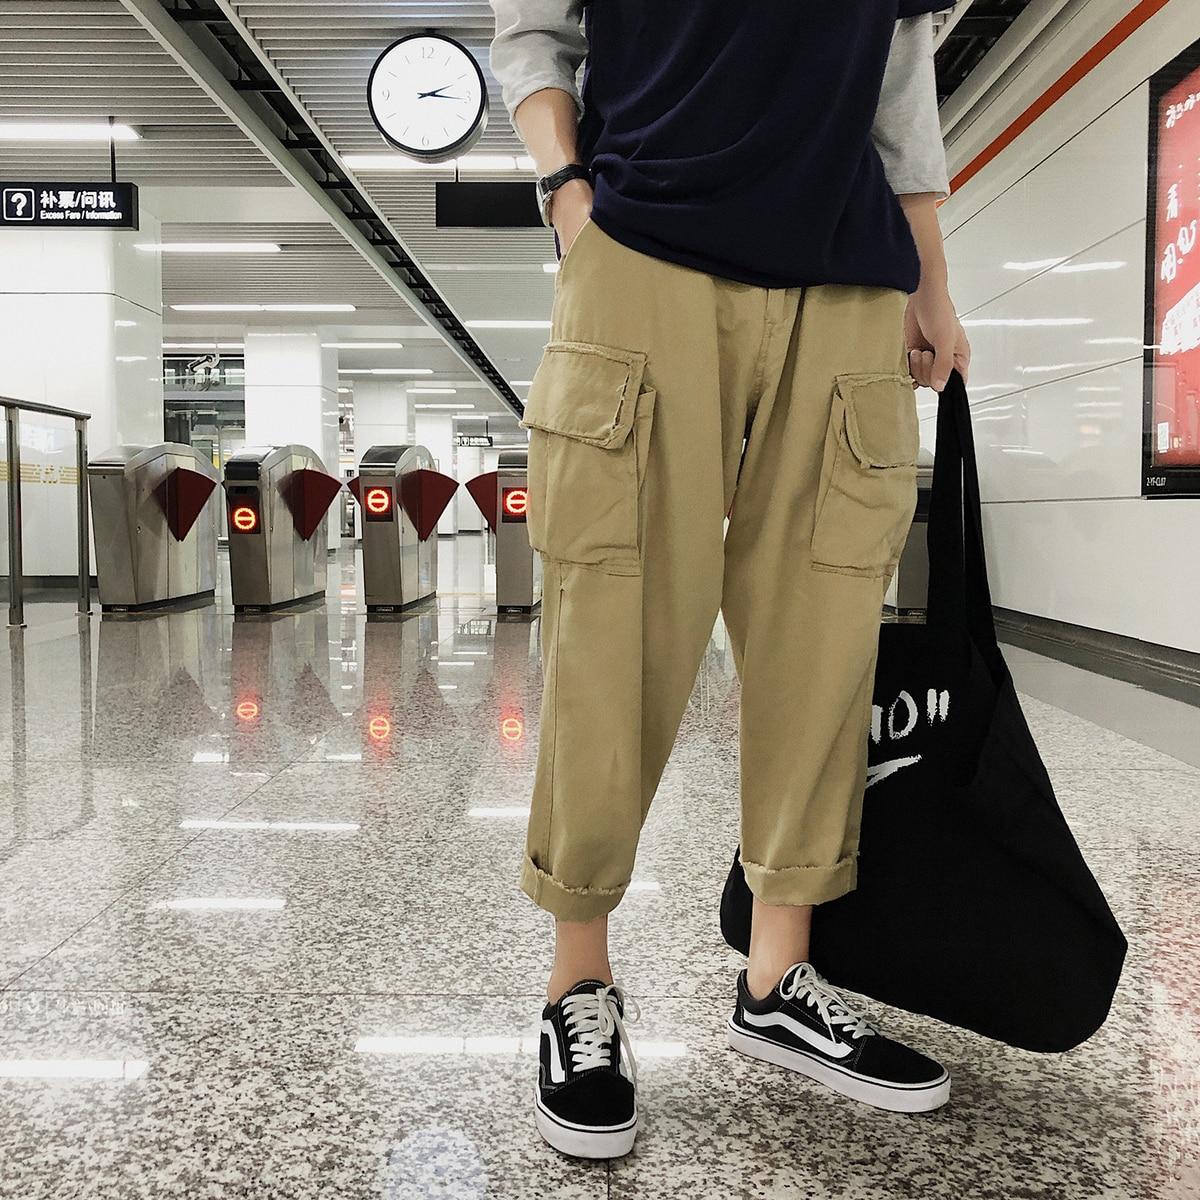 Solide 2xl Lâche Poche M Taille Casual Mâle Lié Automne Mode Droites khaki Cargo Coton 2018 Pantalon Couleur Élastique Black Pieds Hommes qUwf1I4X